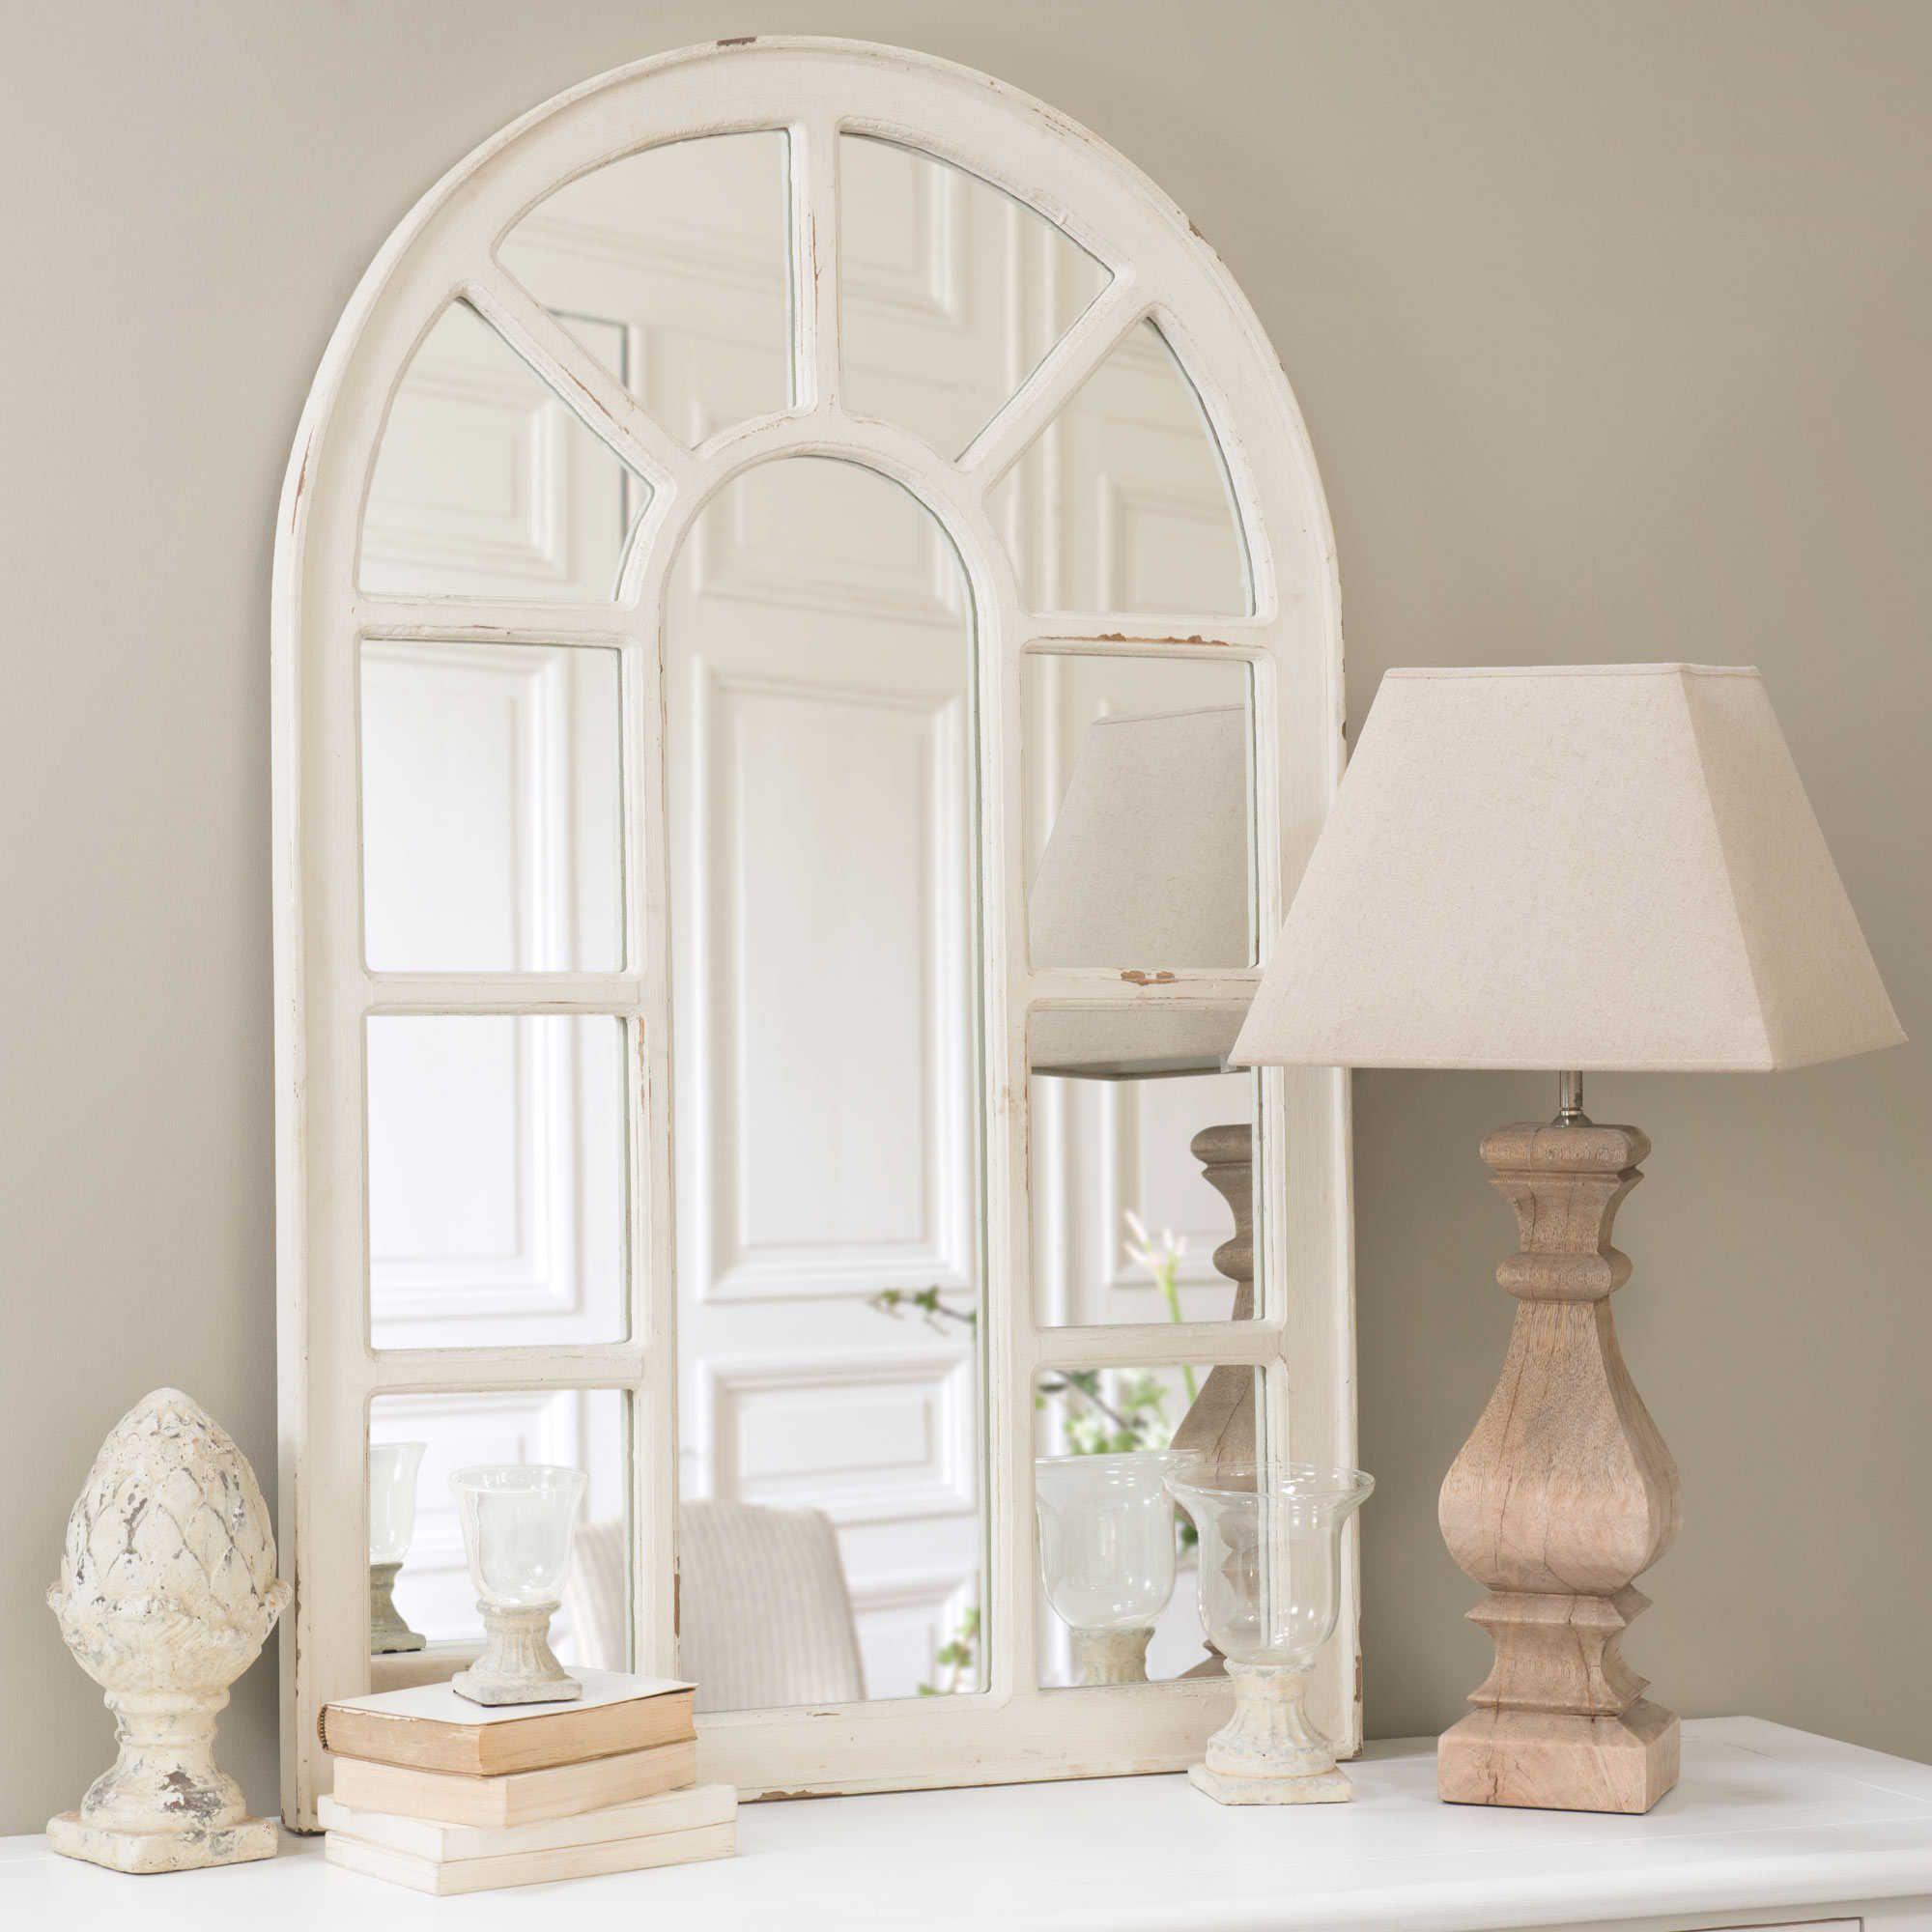 Espejo ventana de madera blanca Al. 122 cm OFELIA | espejo ...